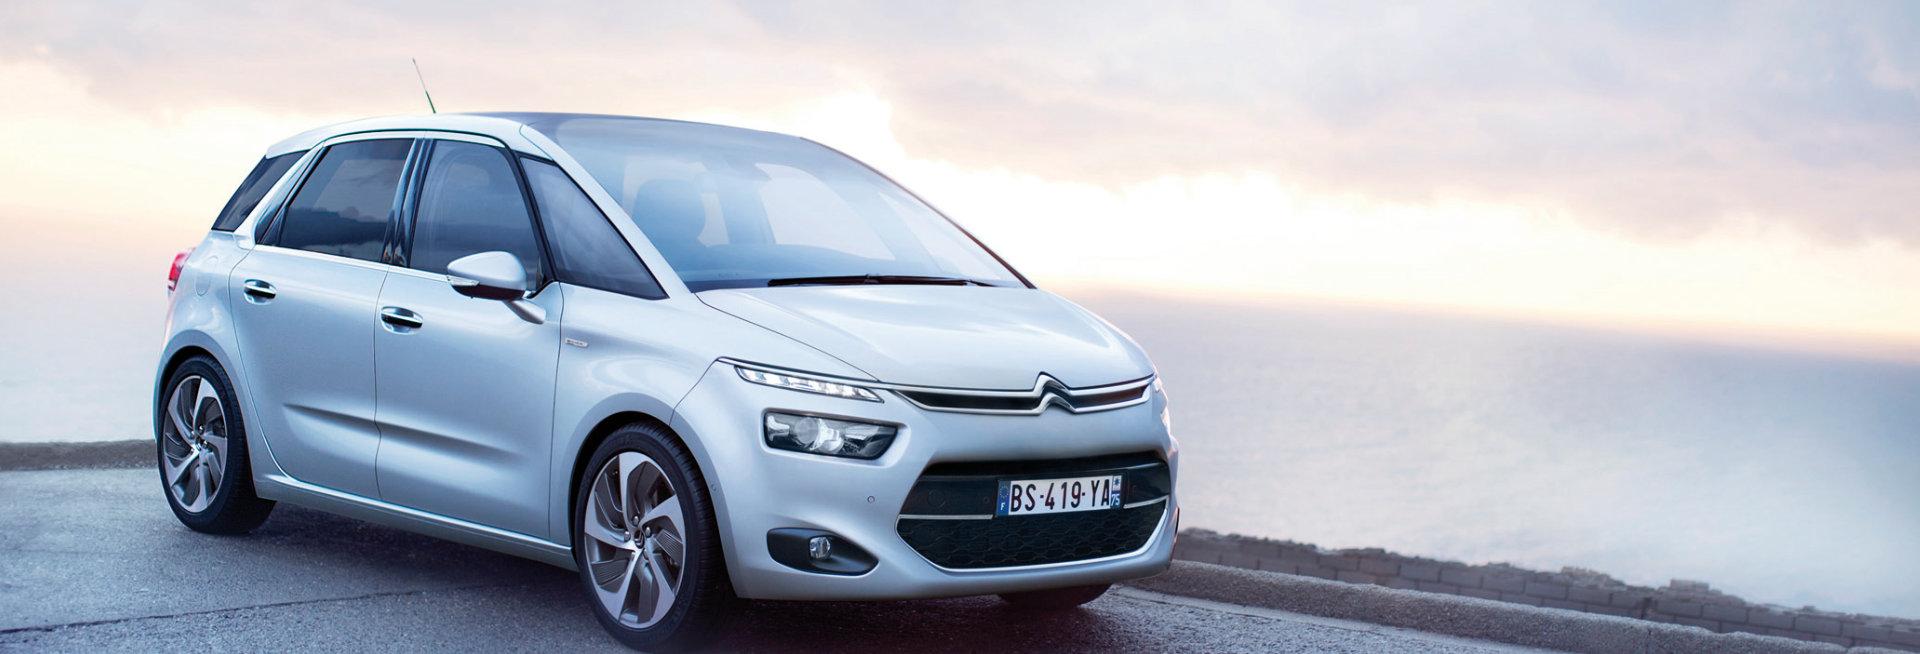 Citroën C4 Picasso sneeuwkettingen